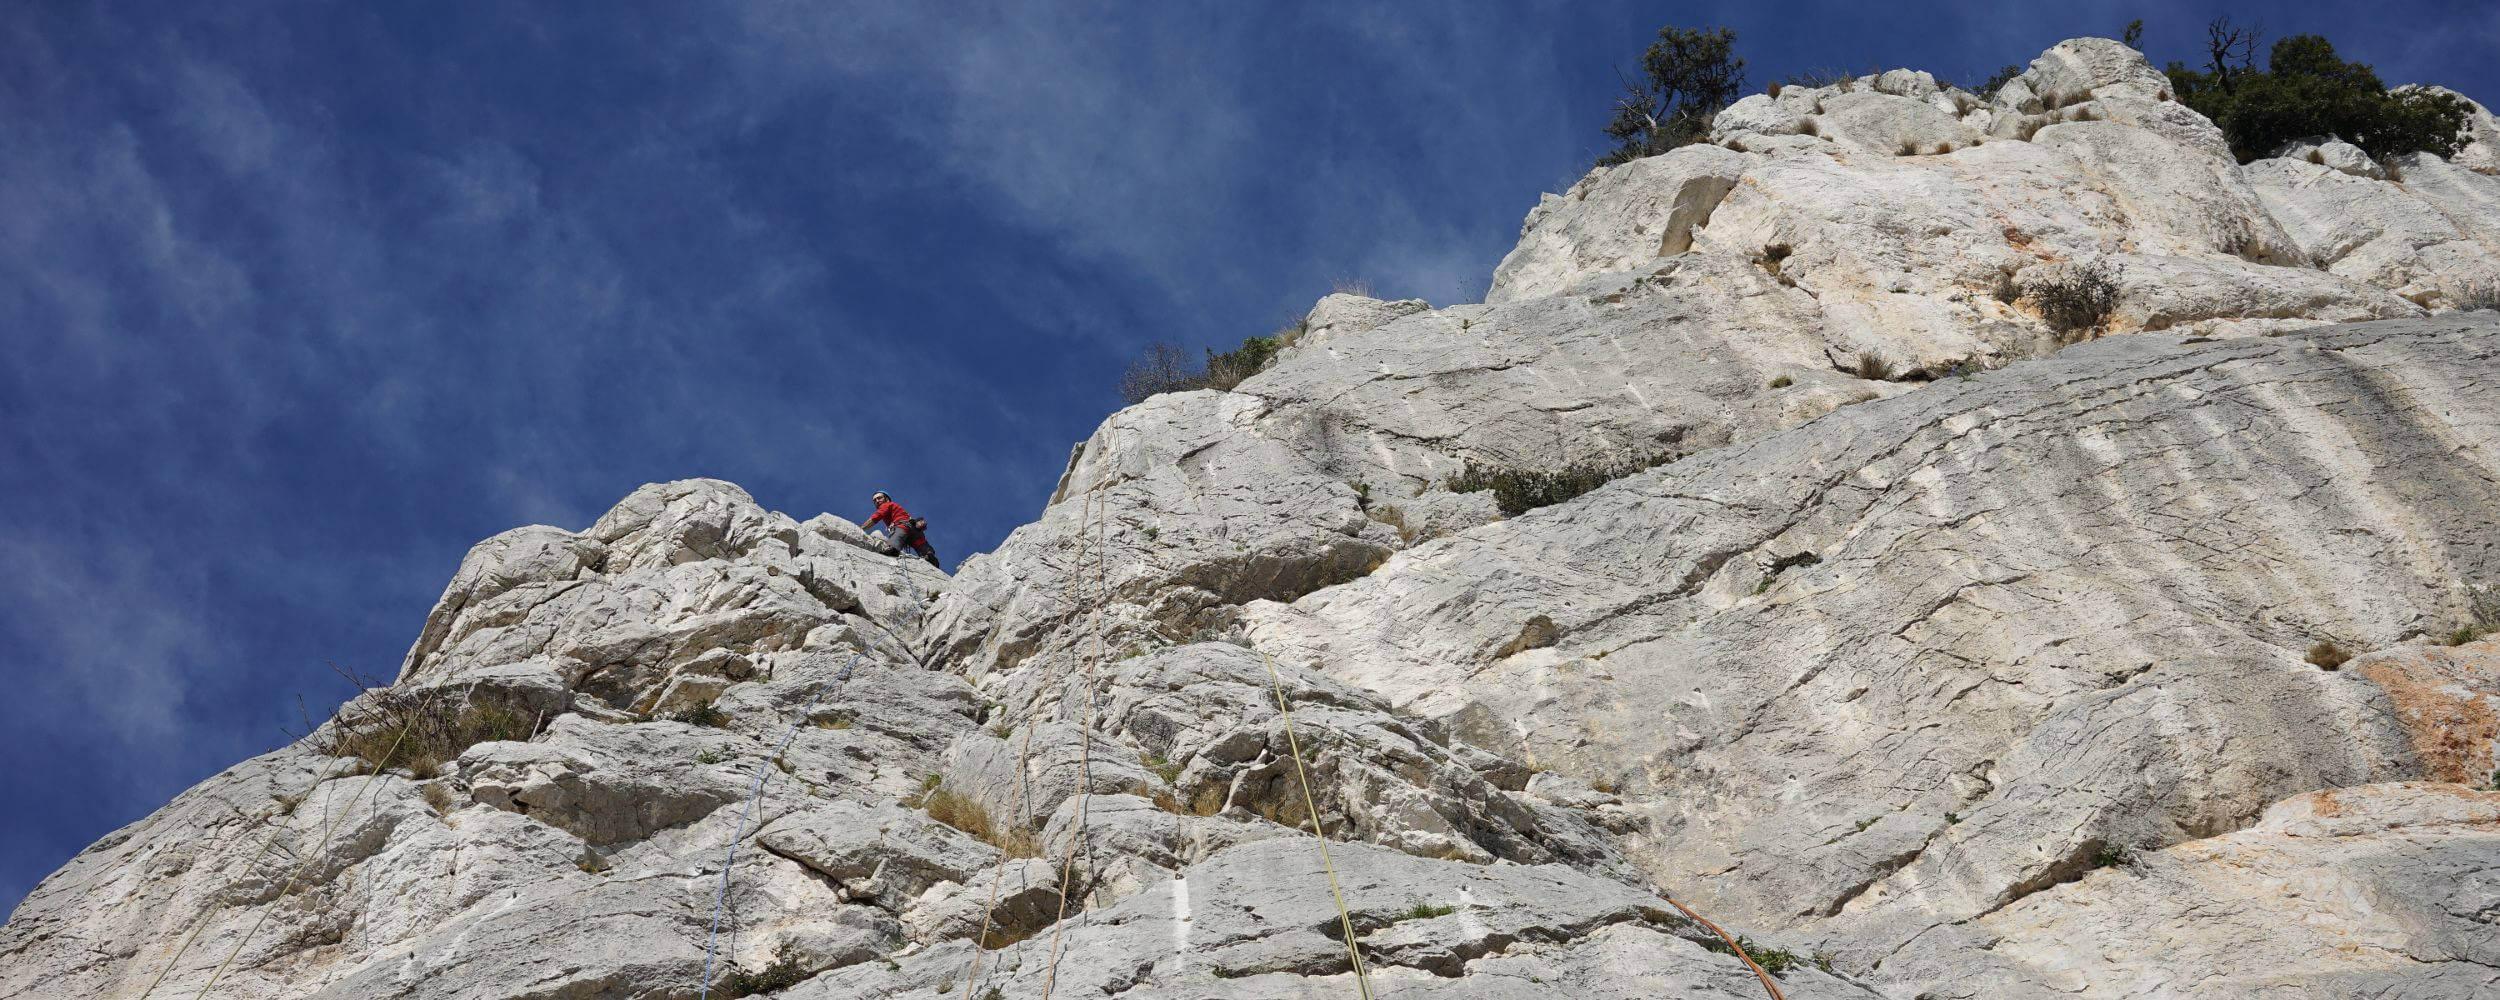 Rock climbing over Monaco - La turbie